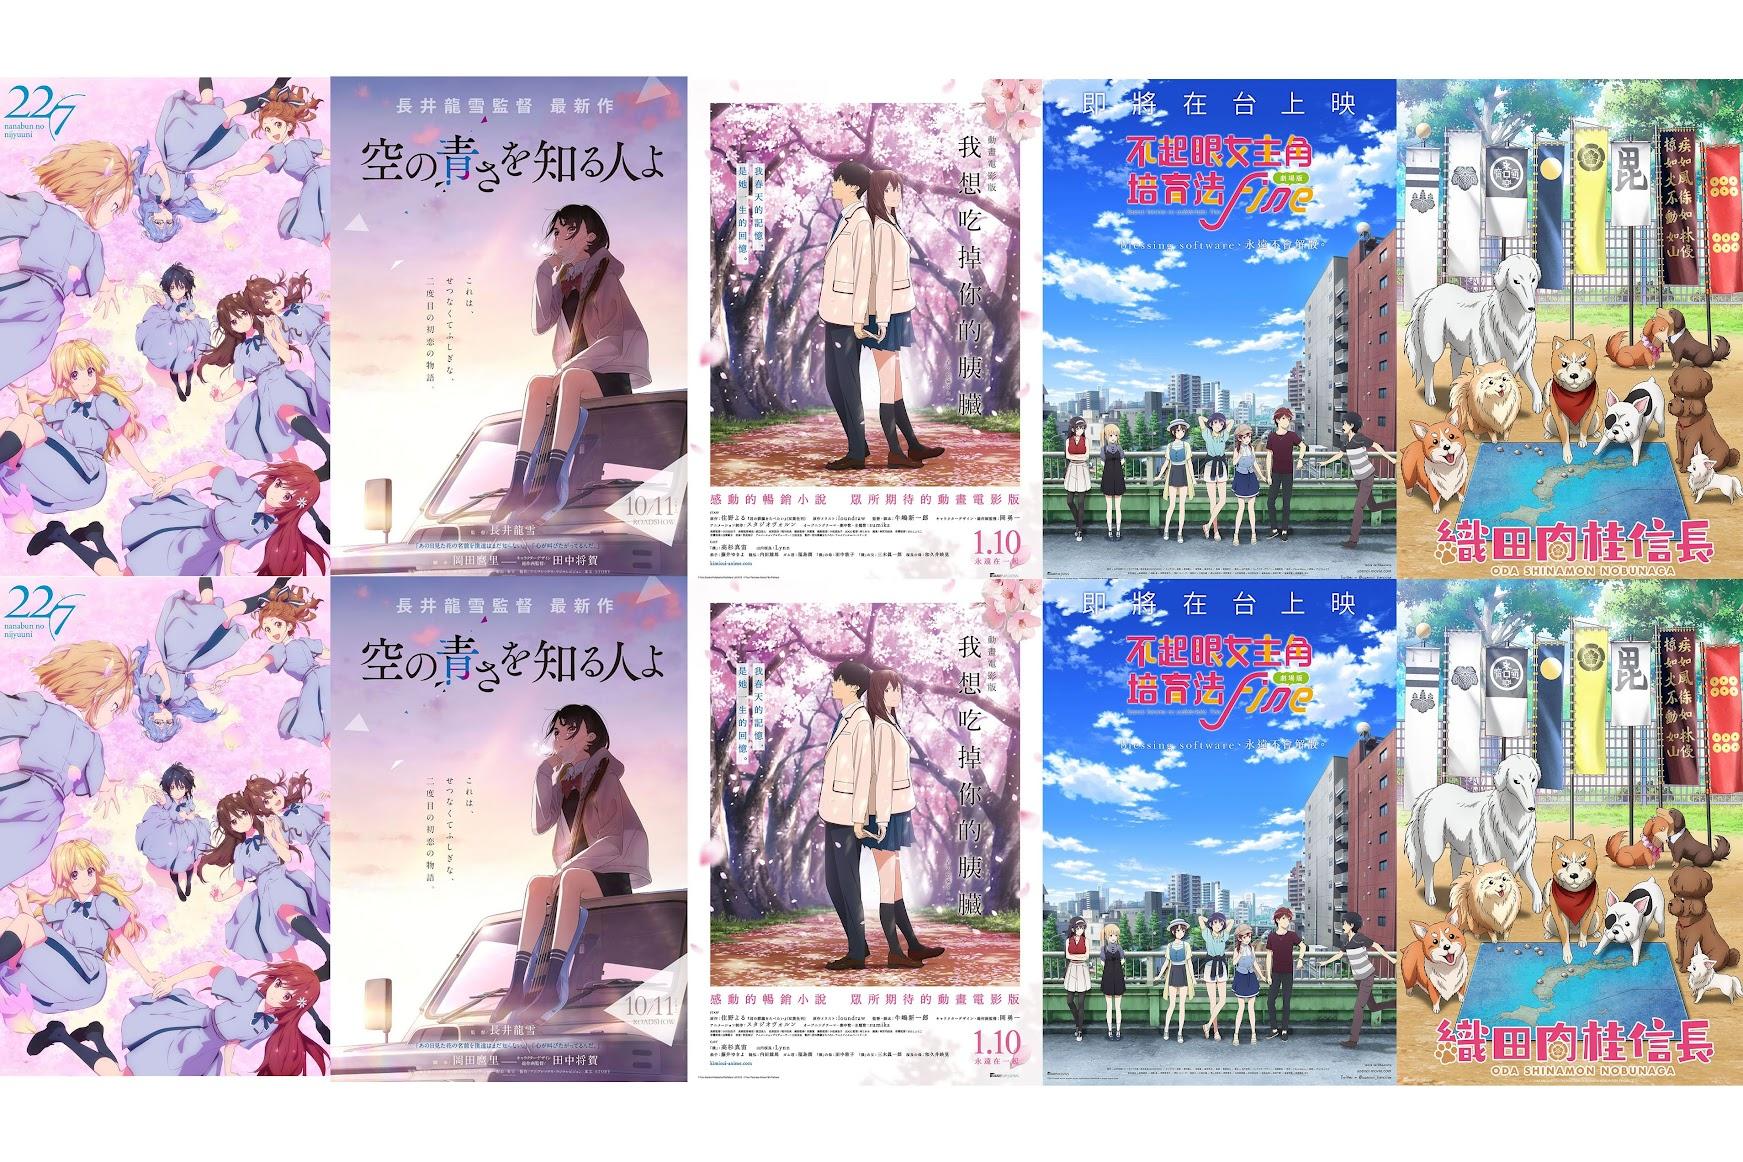 車庫娛樂日本動畫品牌「 AniPASS 」正式成立 官網首波推出《 22/7 》《 織田肉桂信長 》春季新番 本週六與日本同步上線